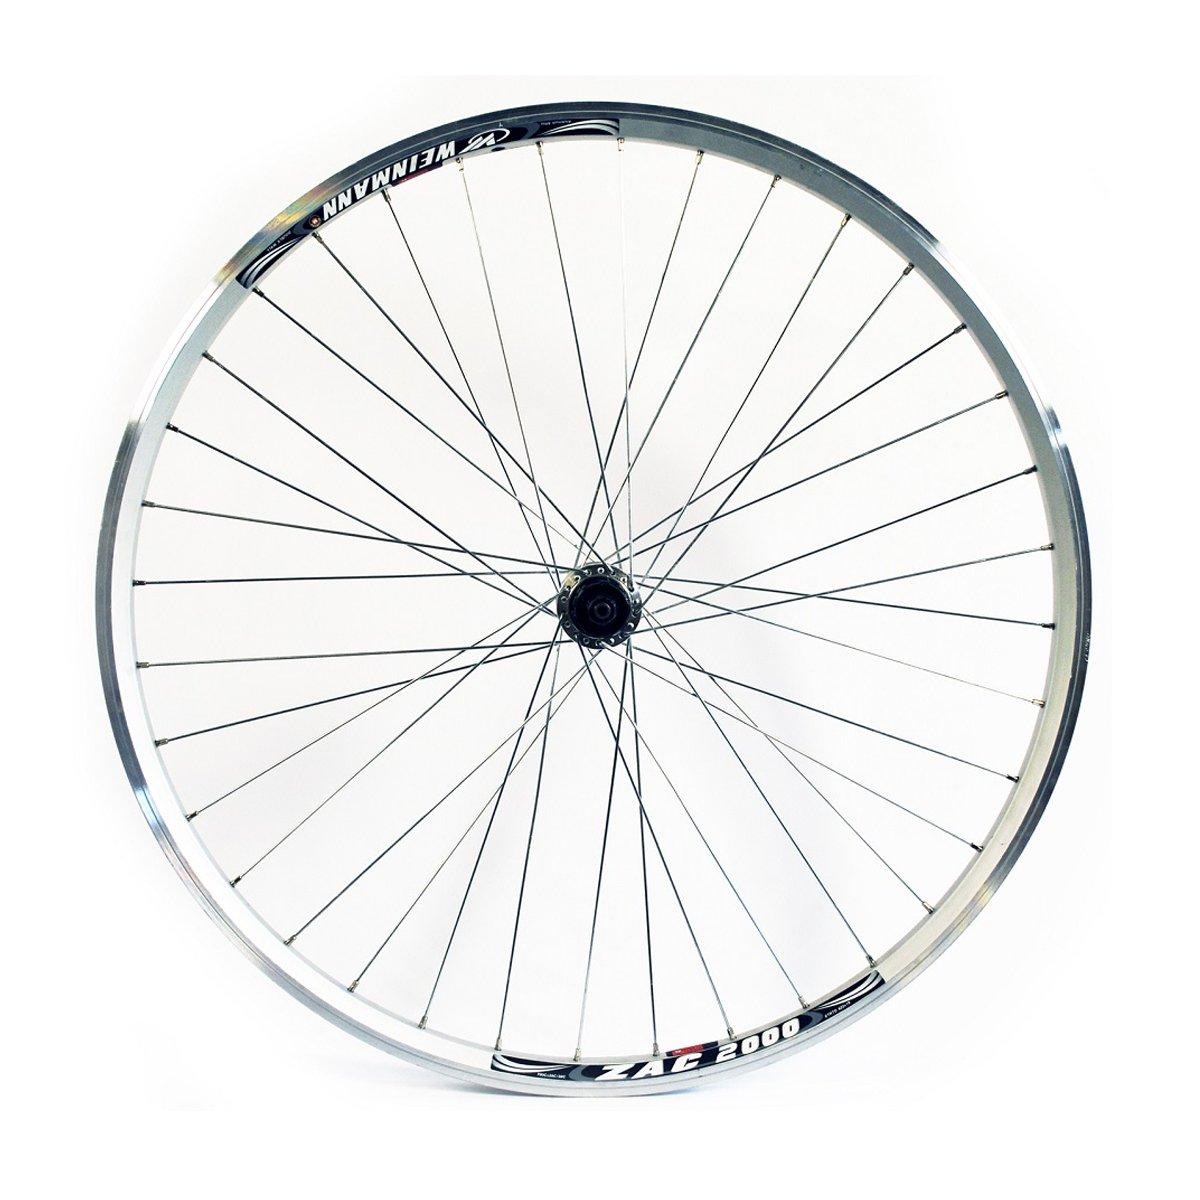 Llanta para Bicicleta h/íbrida Wilkinson Double Wall Talla 700 C